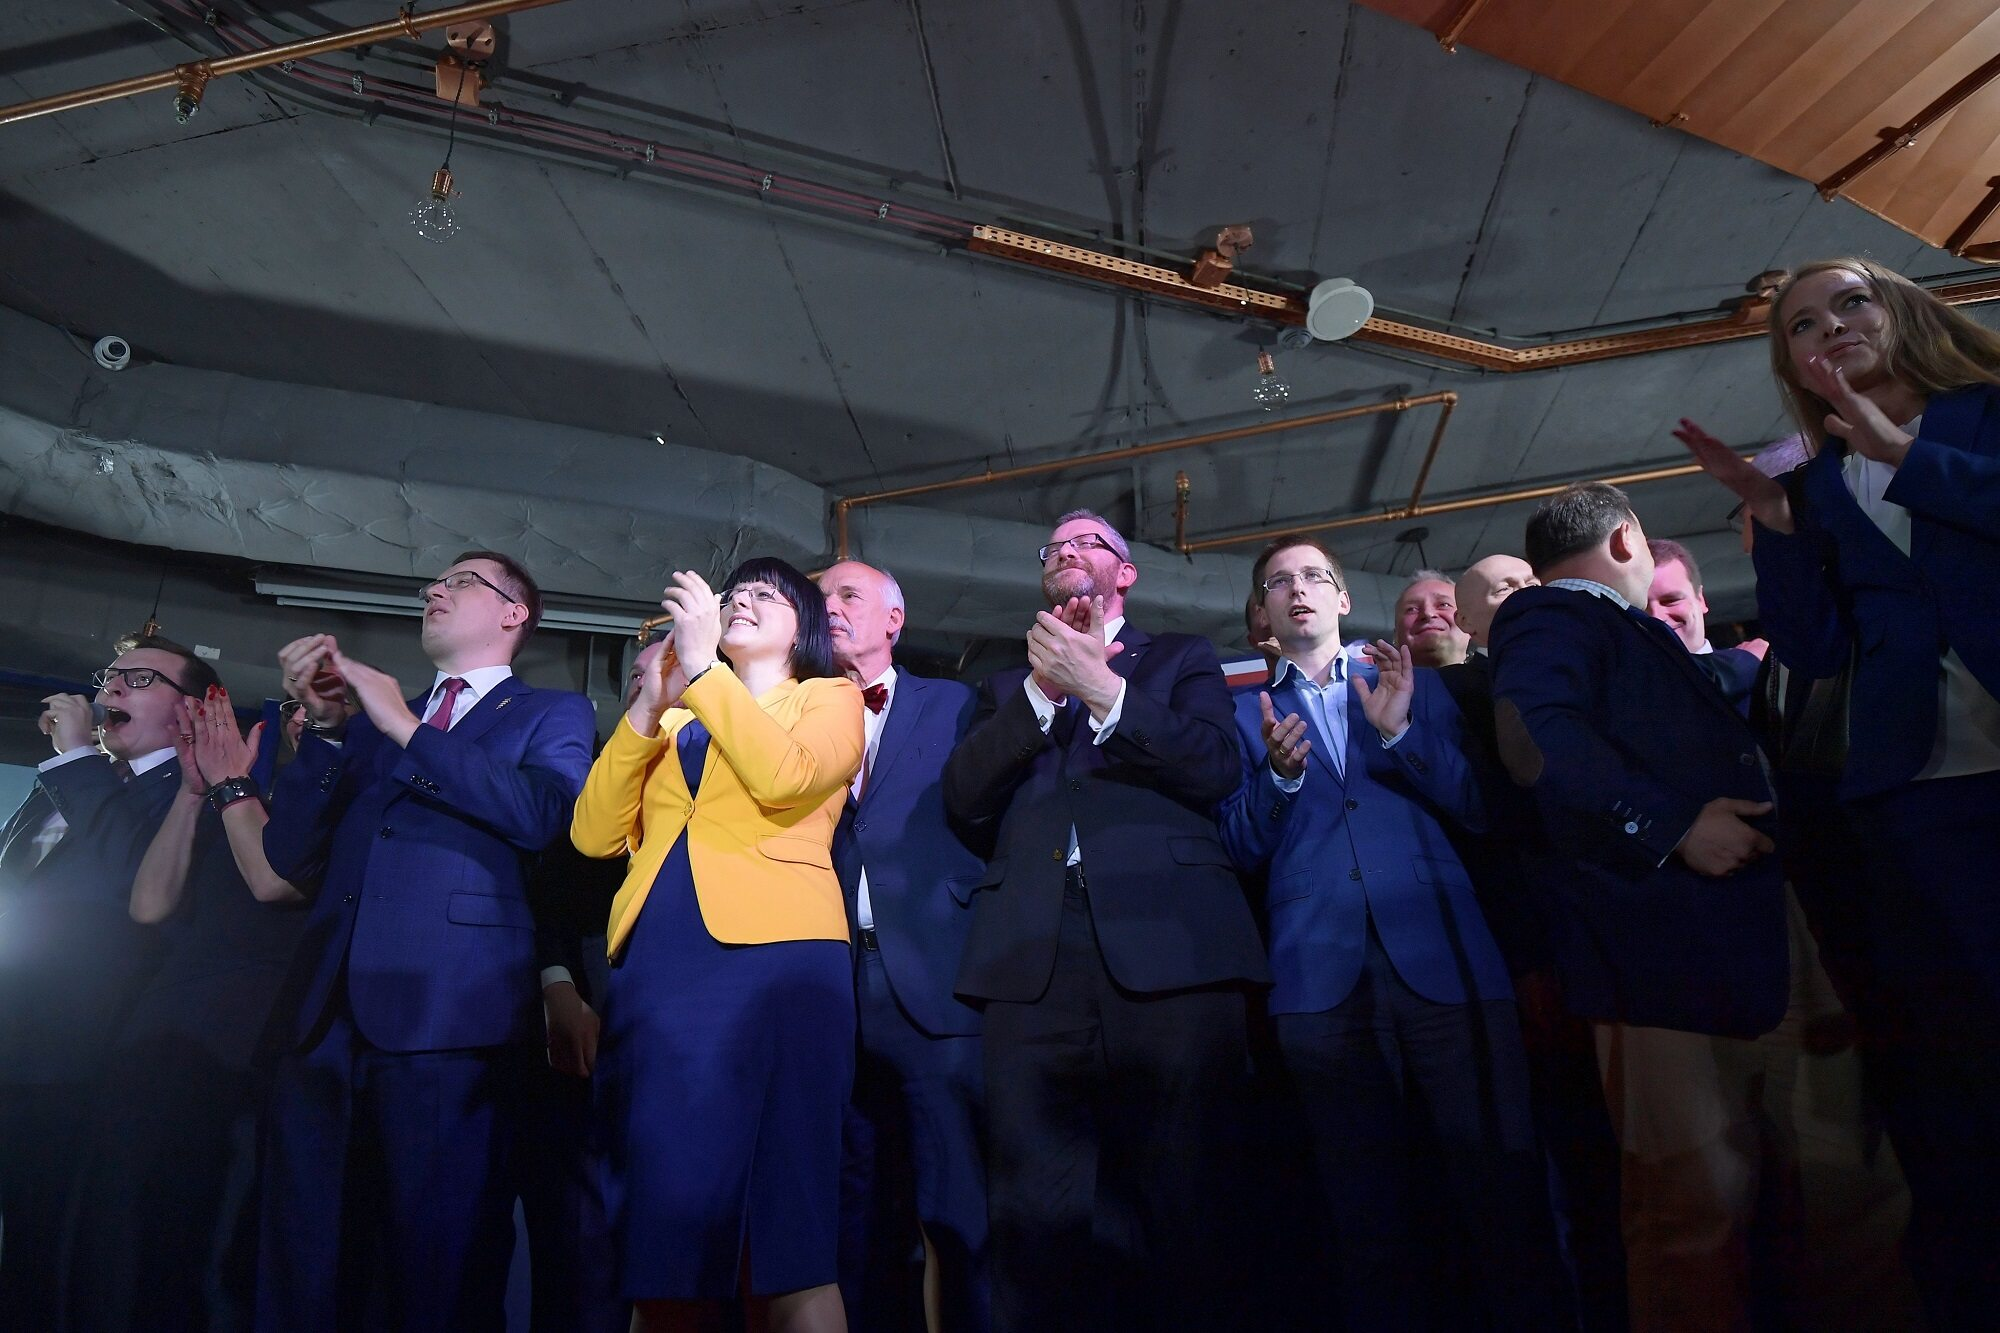 Sztab wyborczy Konfederacji KORWiN Braun Liroy Narodowcy w Warszawie.